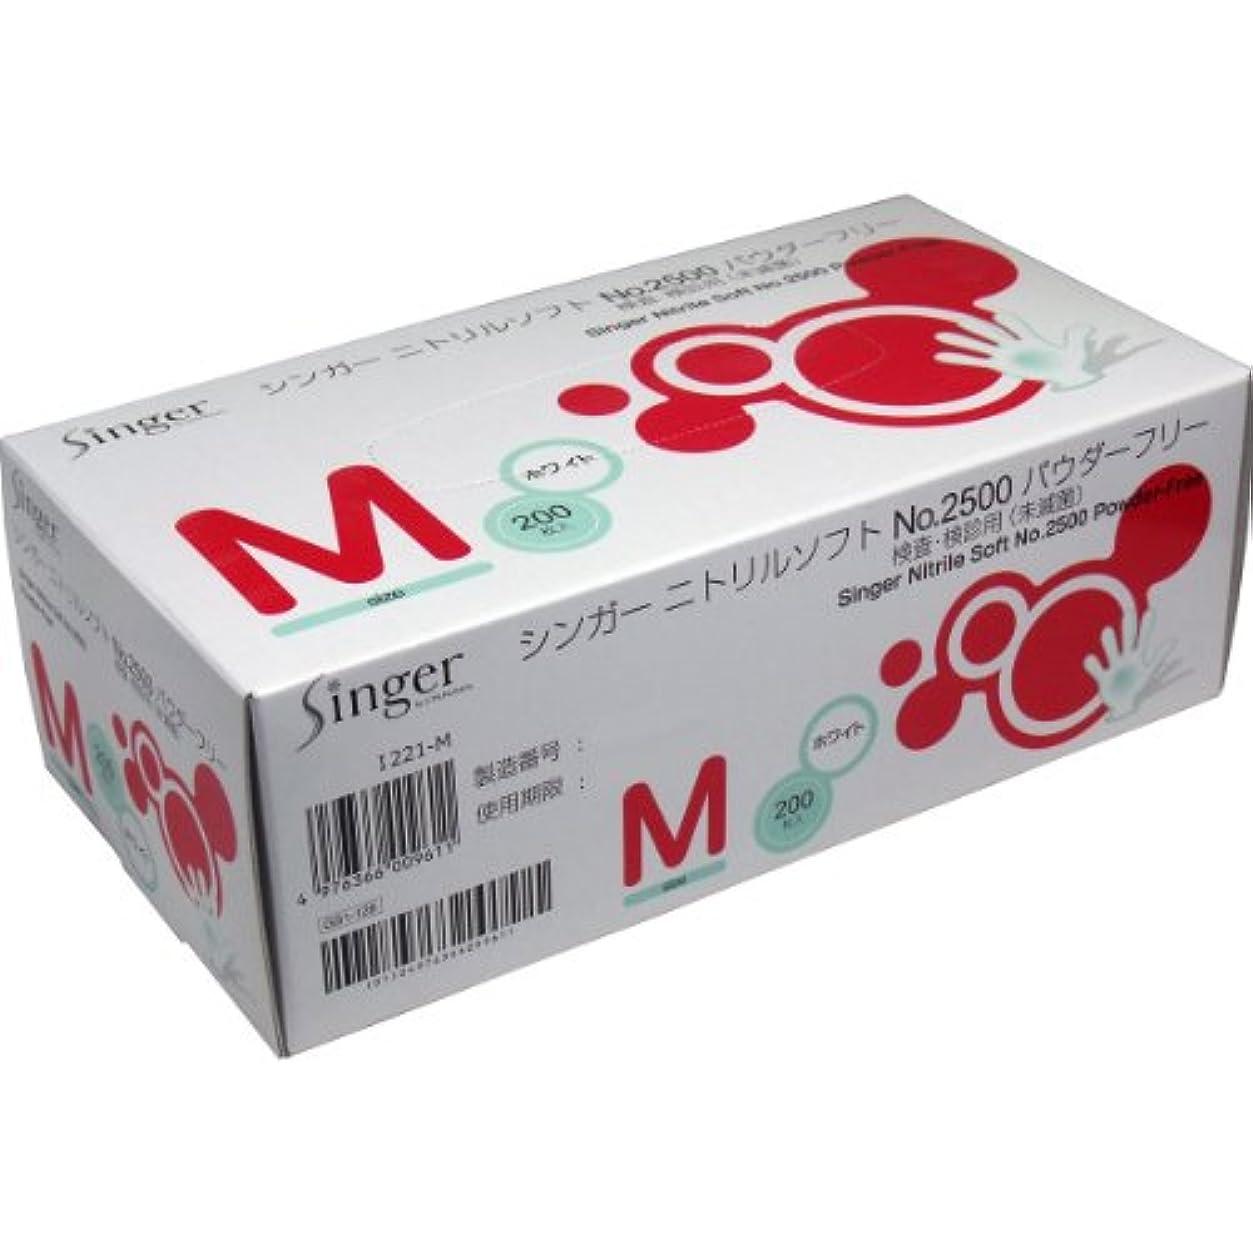 磨かれた区別する指紋シンガー ニトリルソフト №2500 パウダーフリー Mサイズ 200枚入